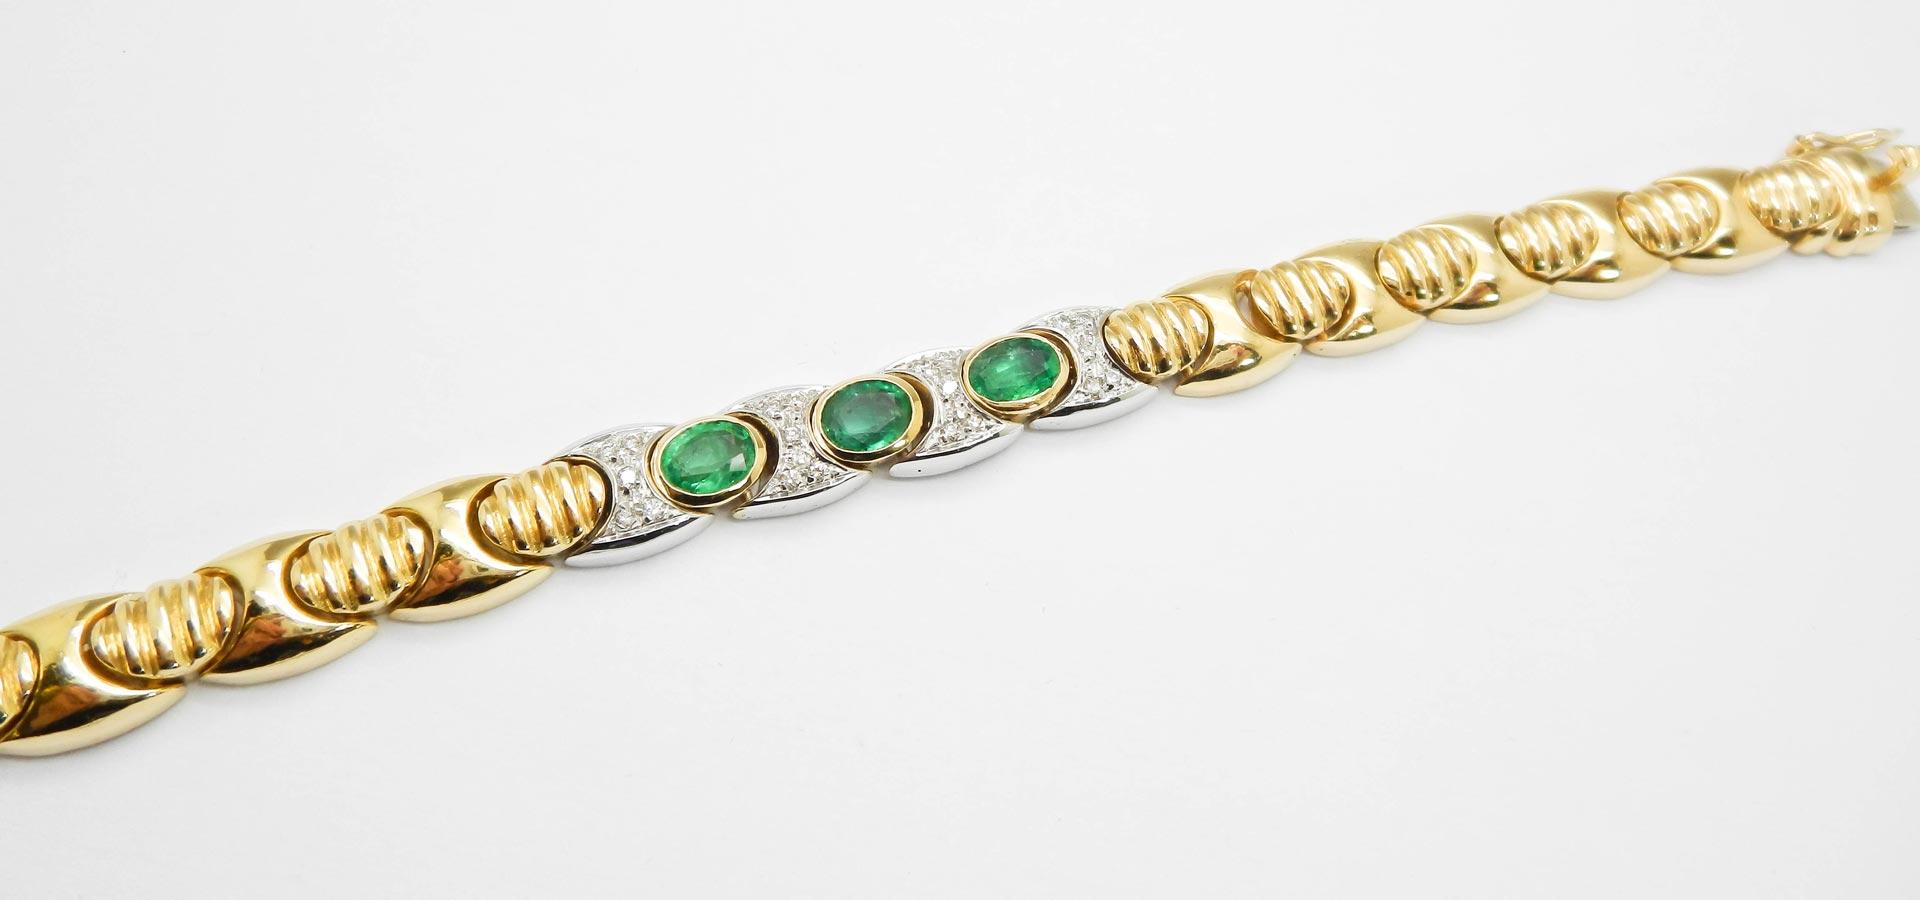 il-marchese-diamonds-gioielli-artigianali-bracciale-maglia-oro-giallo-smeraldi-pezzi-unici-collezione-2